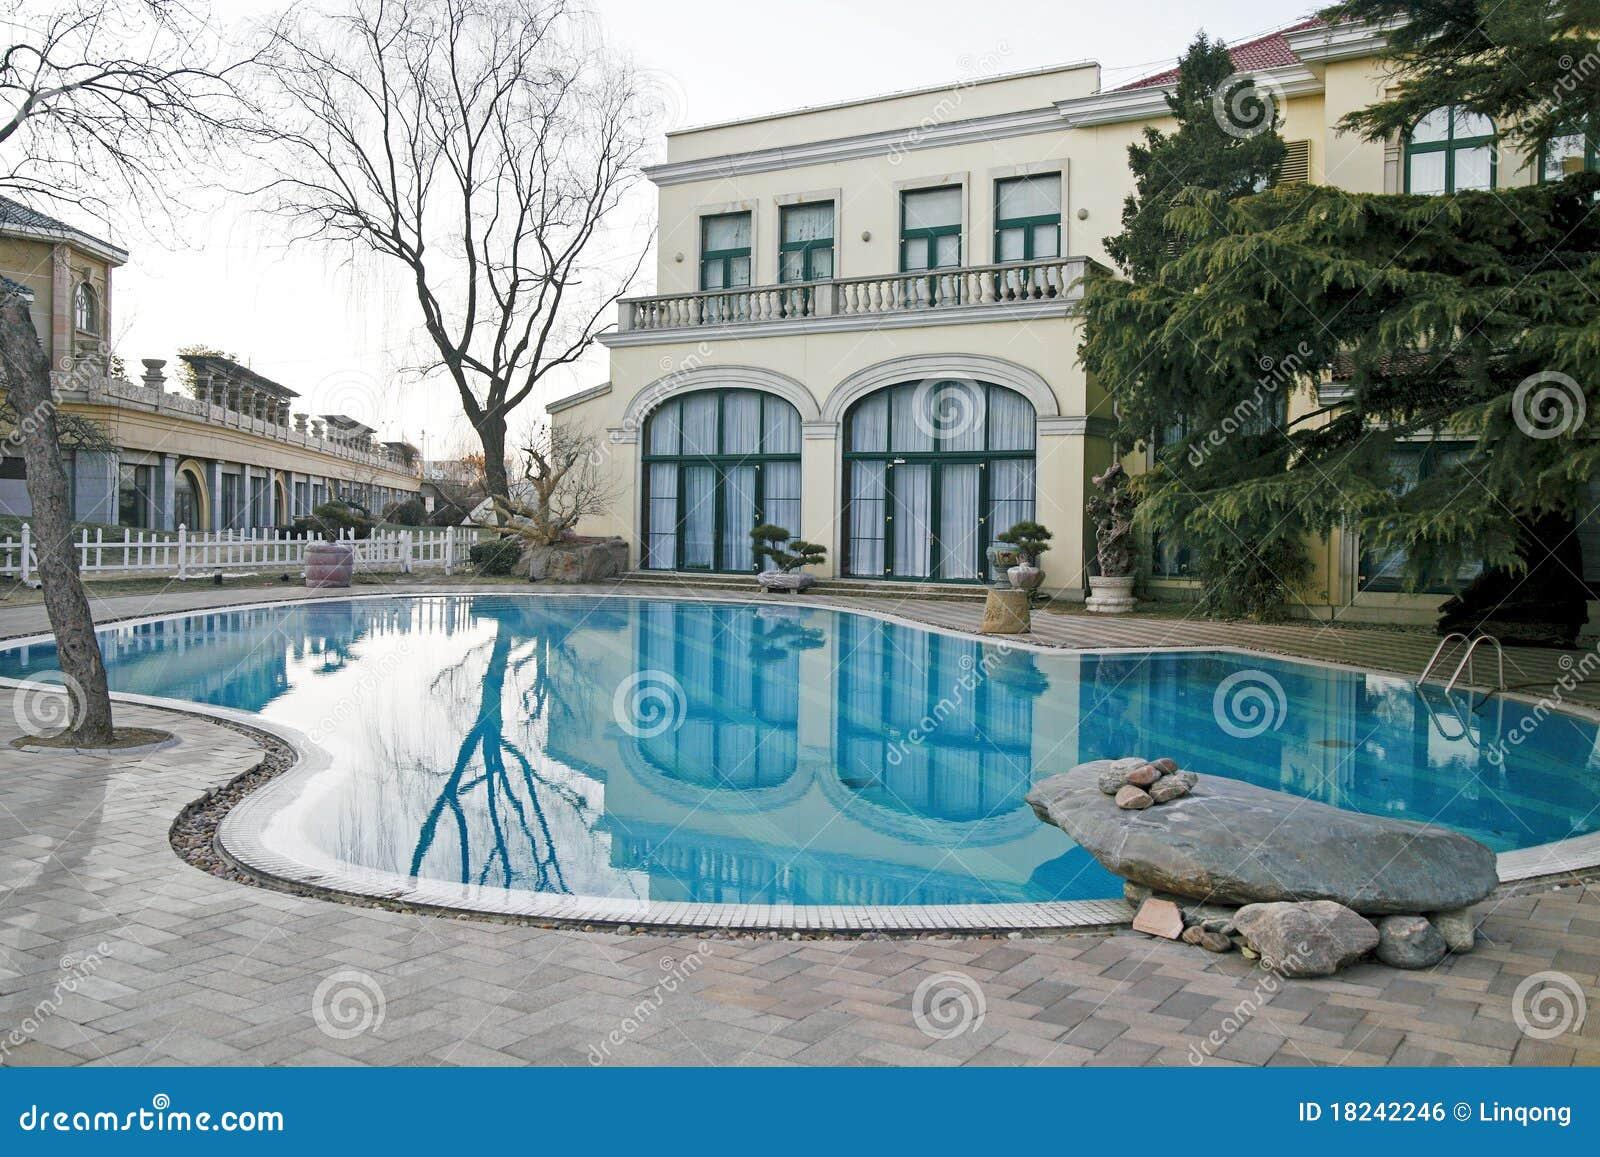 Casa de campo com piscina imagem de stock royalty free for Piscinas para casas de campo